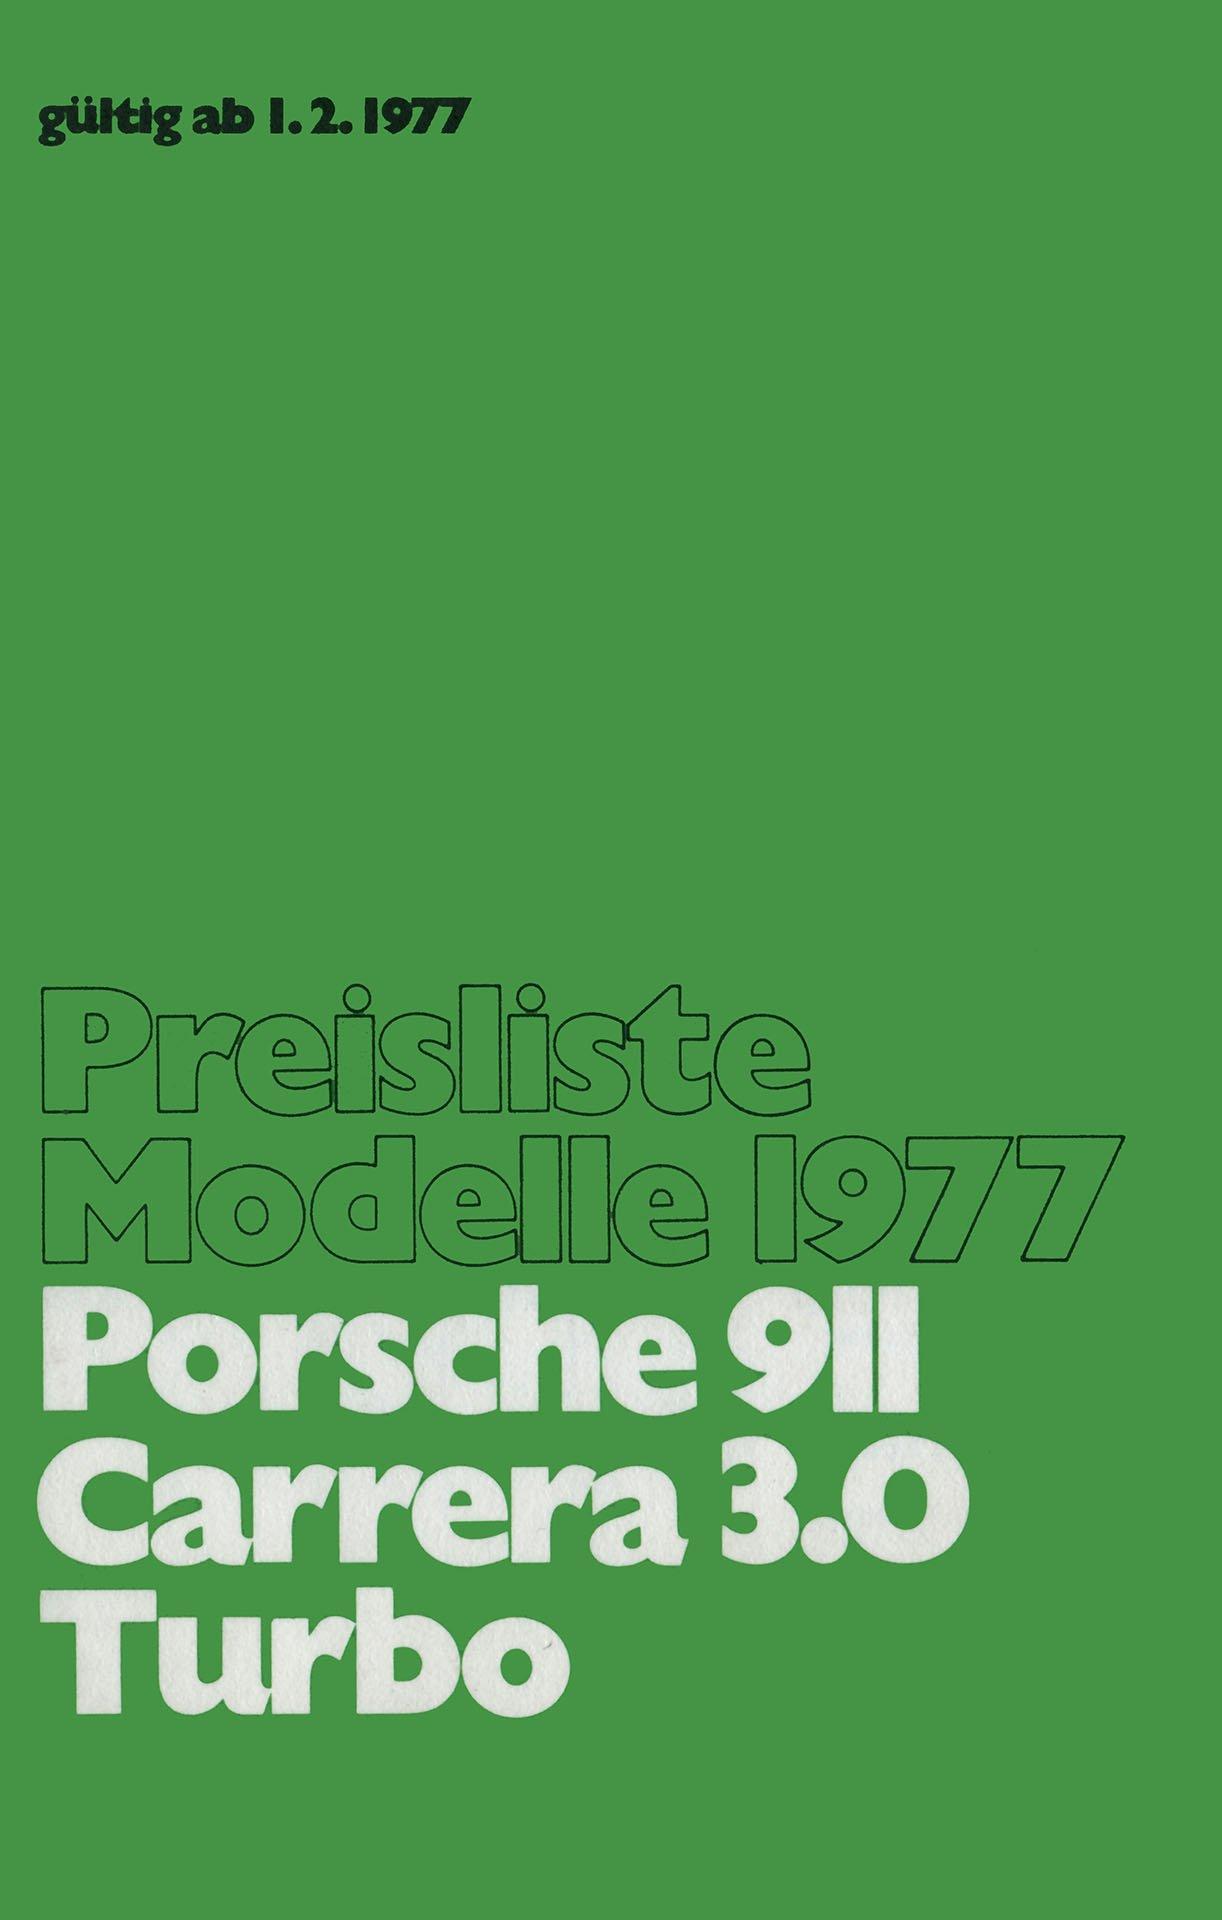 Porsche Prospekte